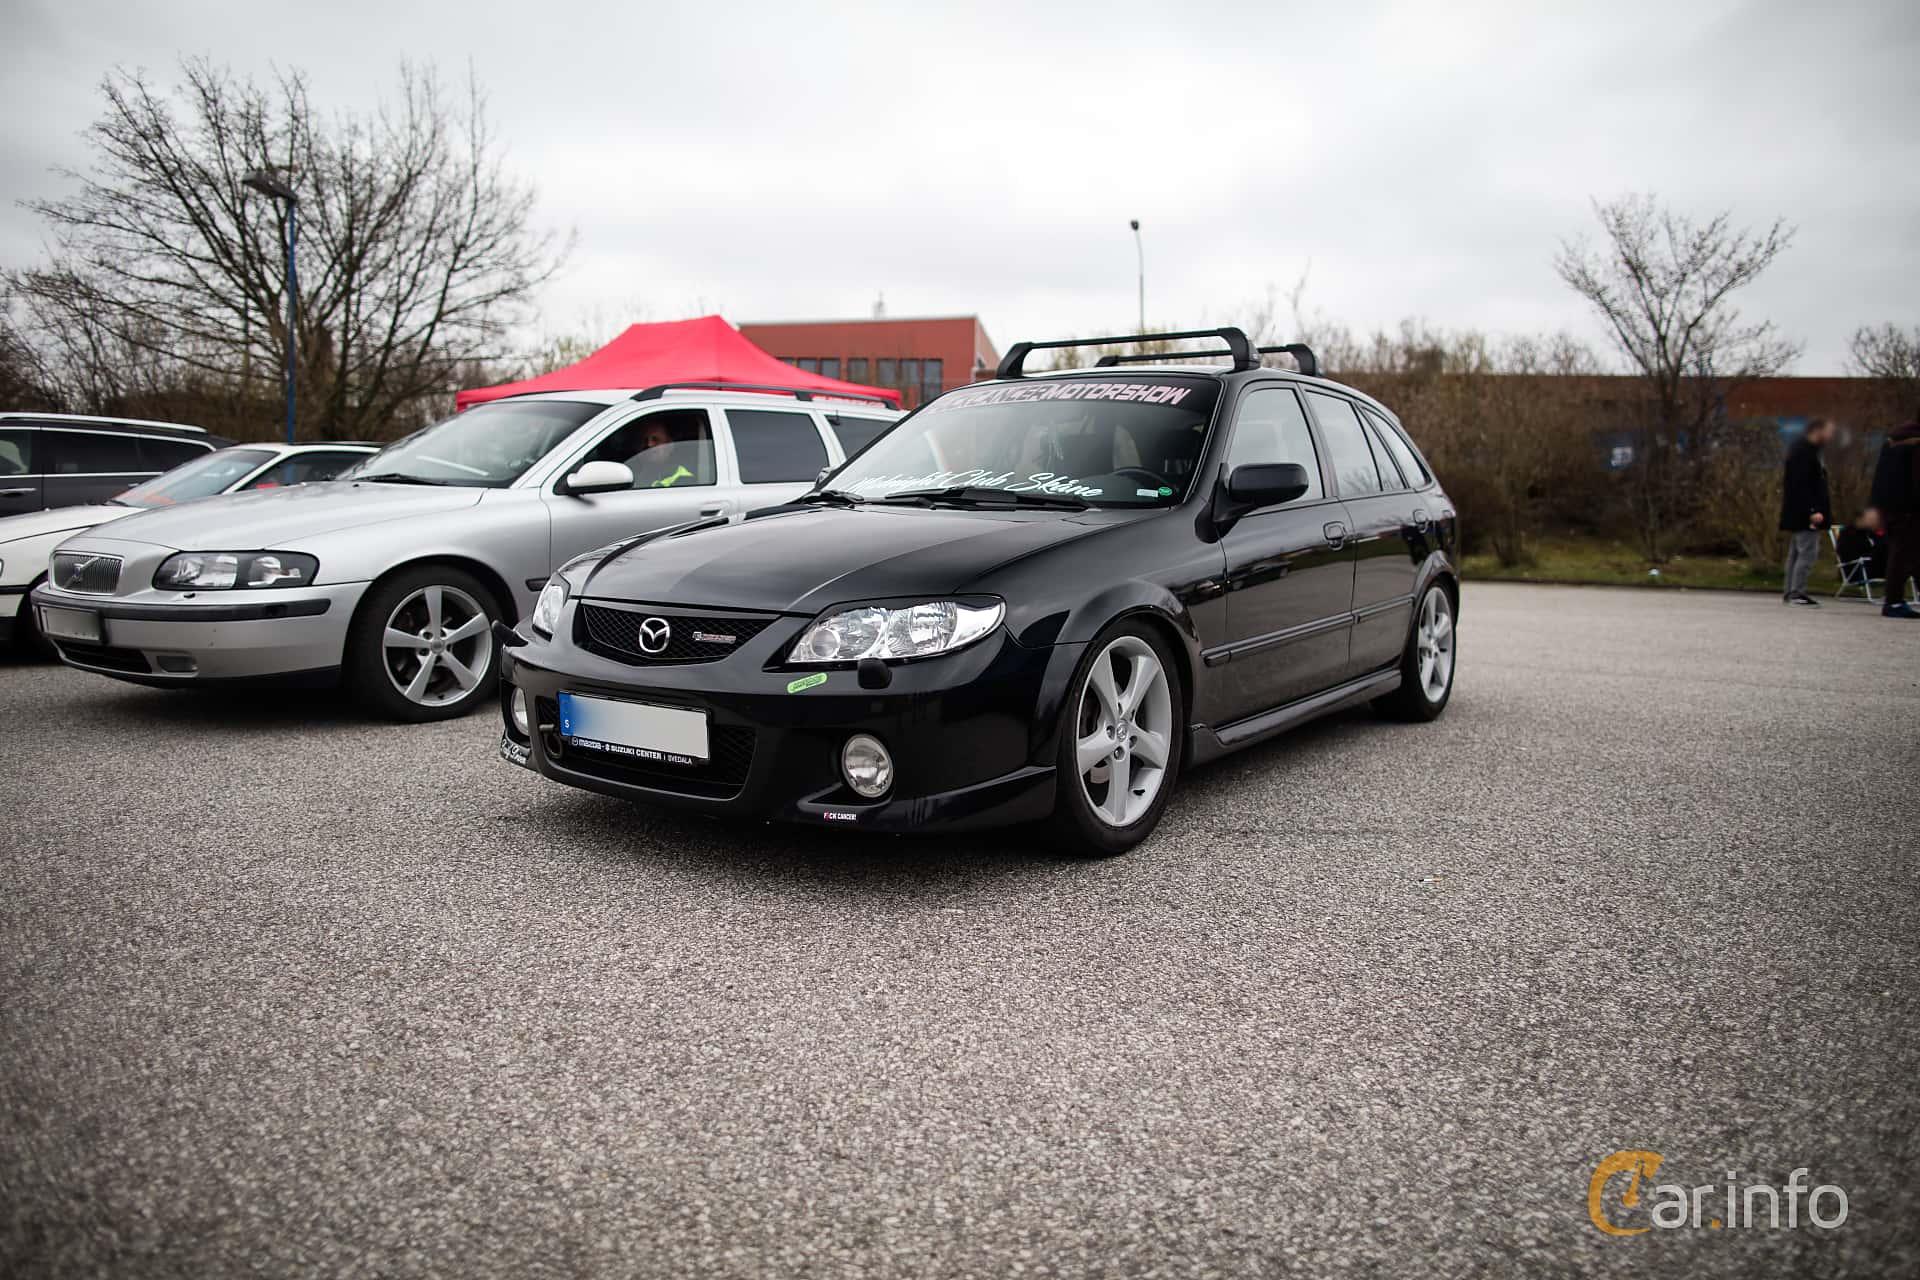 Kelebihan Kekurangan Mazda 2002 Perbandingan Harga